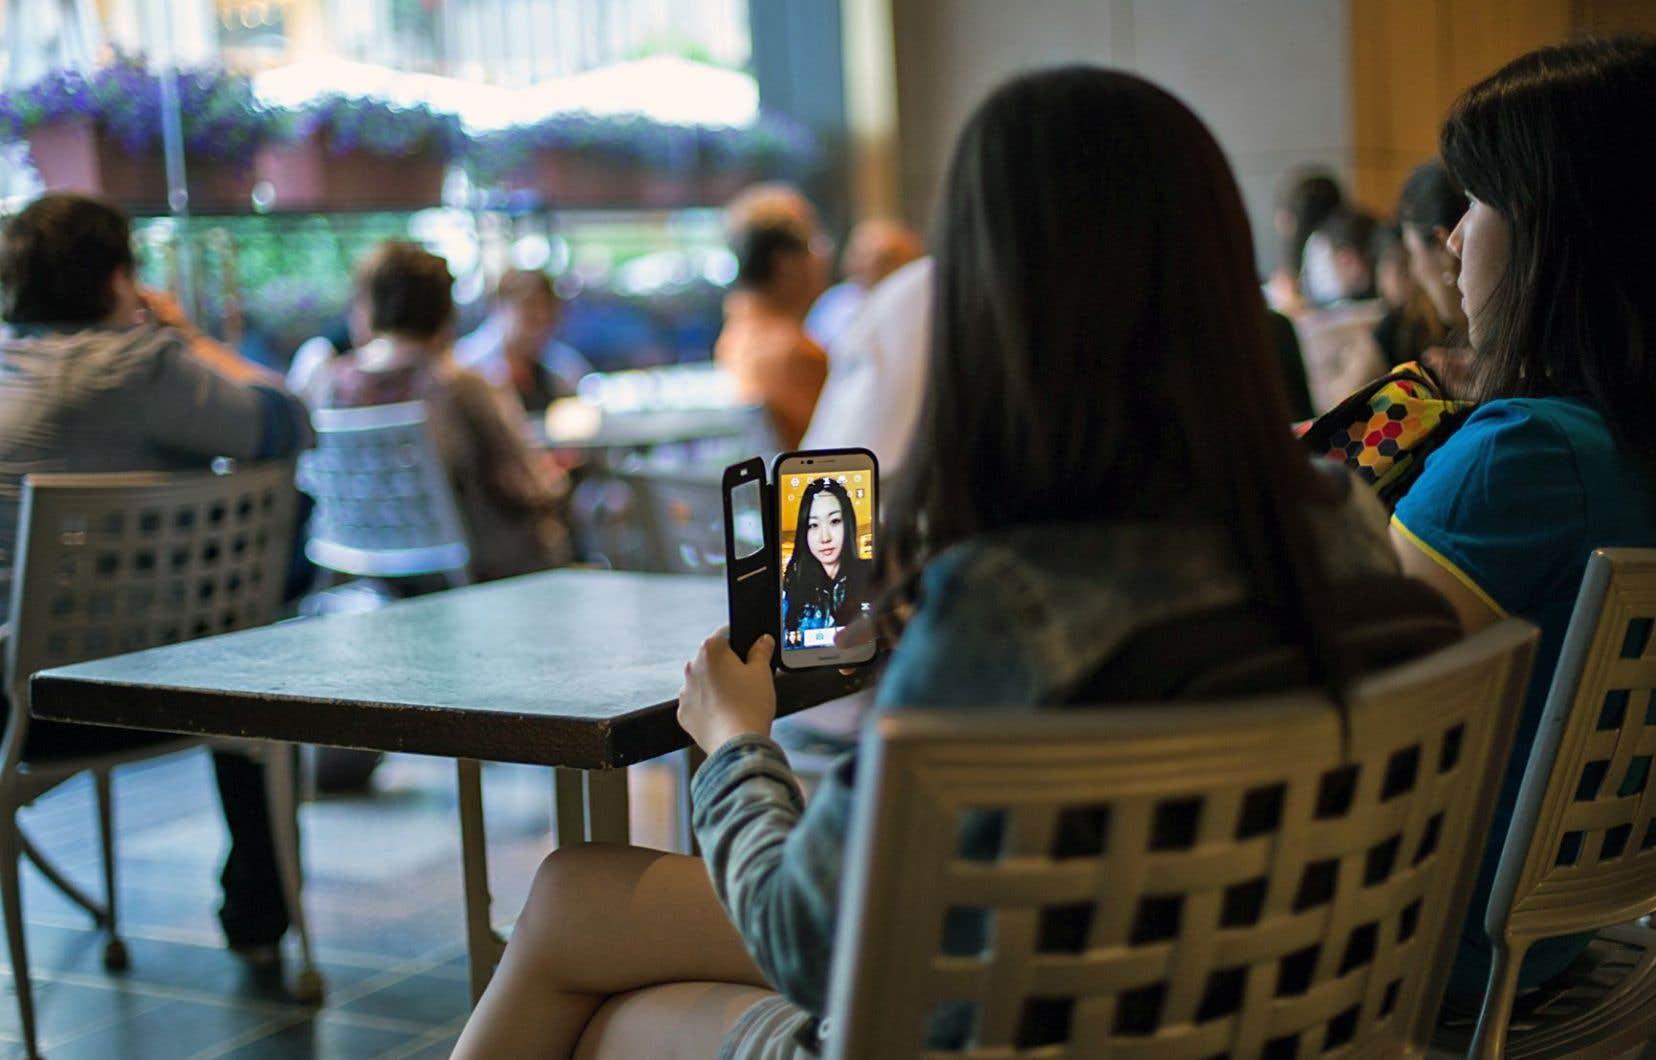 Les réseaux sociaux agiraient sur le cerveau humain comme la cocaïne, selon une étude parue au début du mois dans la revue «Psychological Reports: Disability and Trauma».